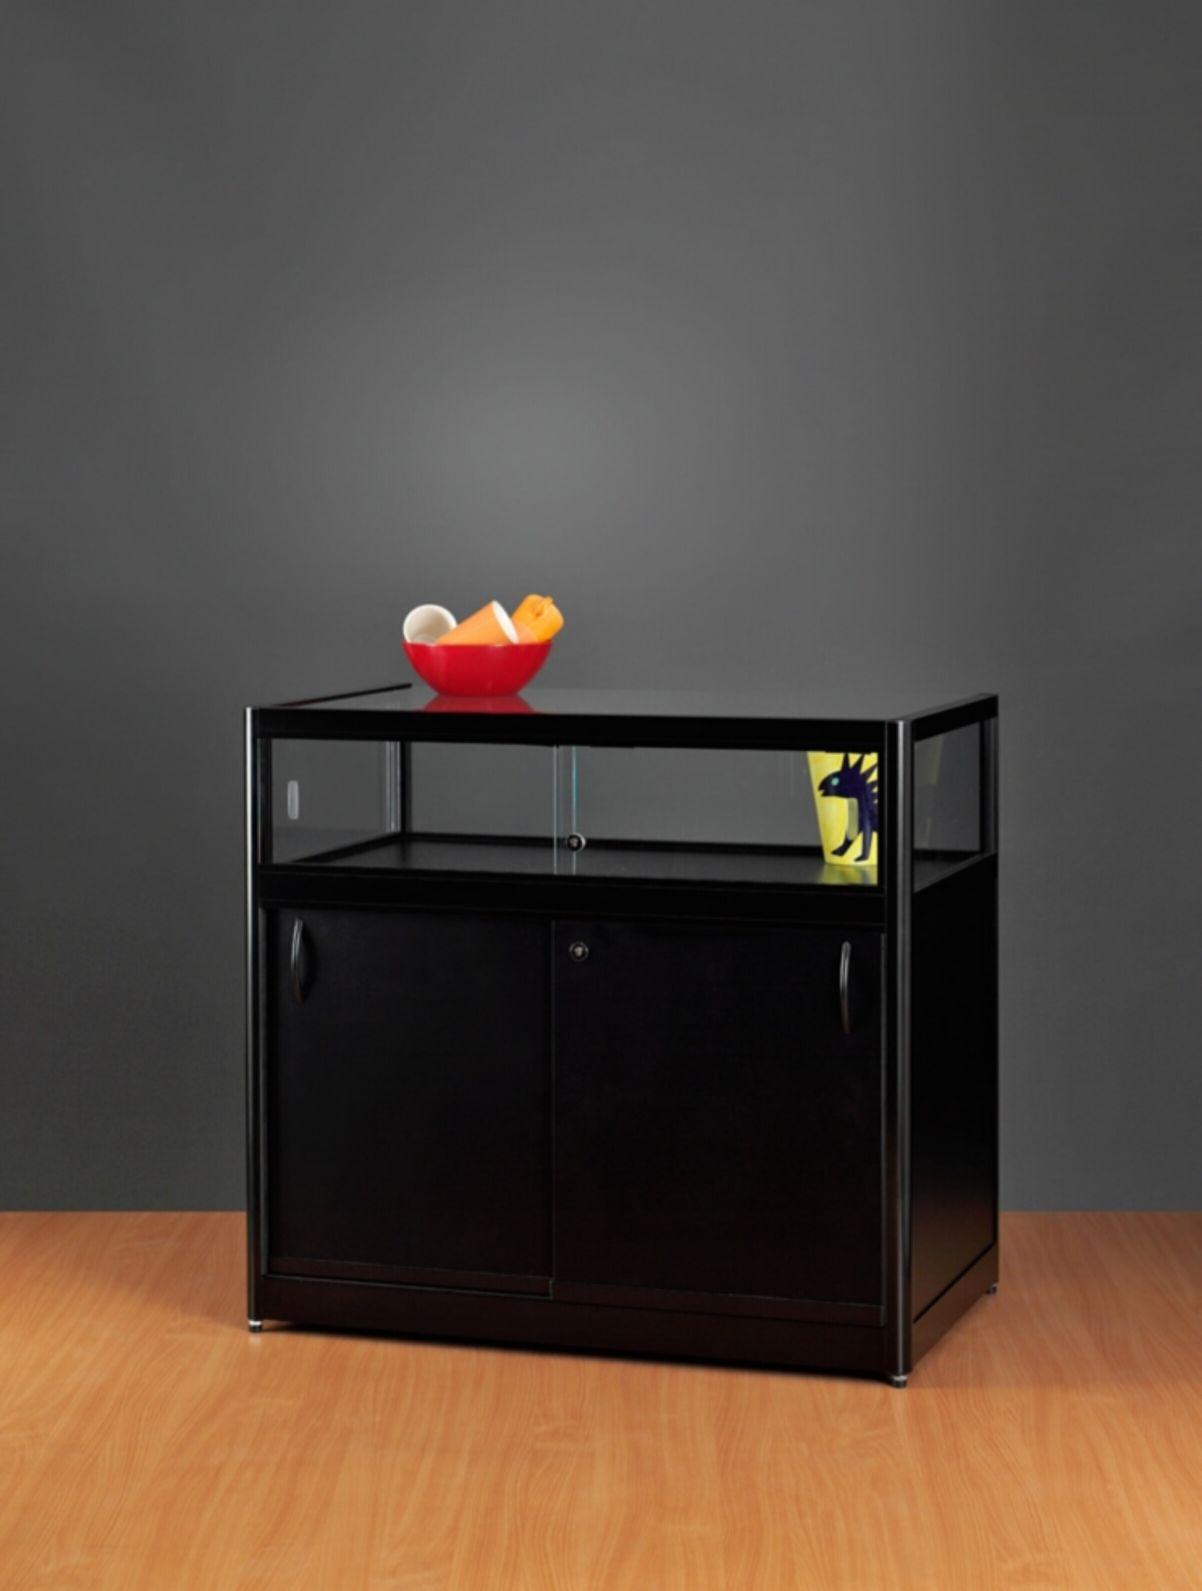 nl tv 100 unterschrank schwarz tischvitrine mit unterschrank schwarz stilnet vitrinen. Black Bedroom Furniture Sets. Home Design Ideas